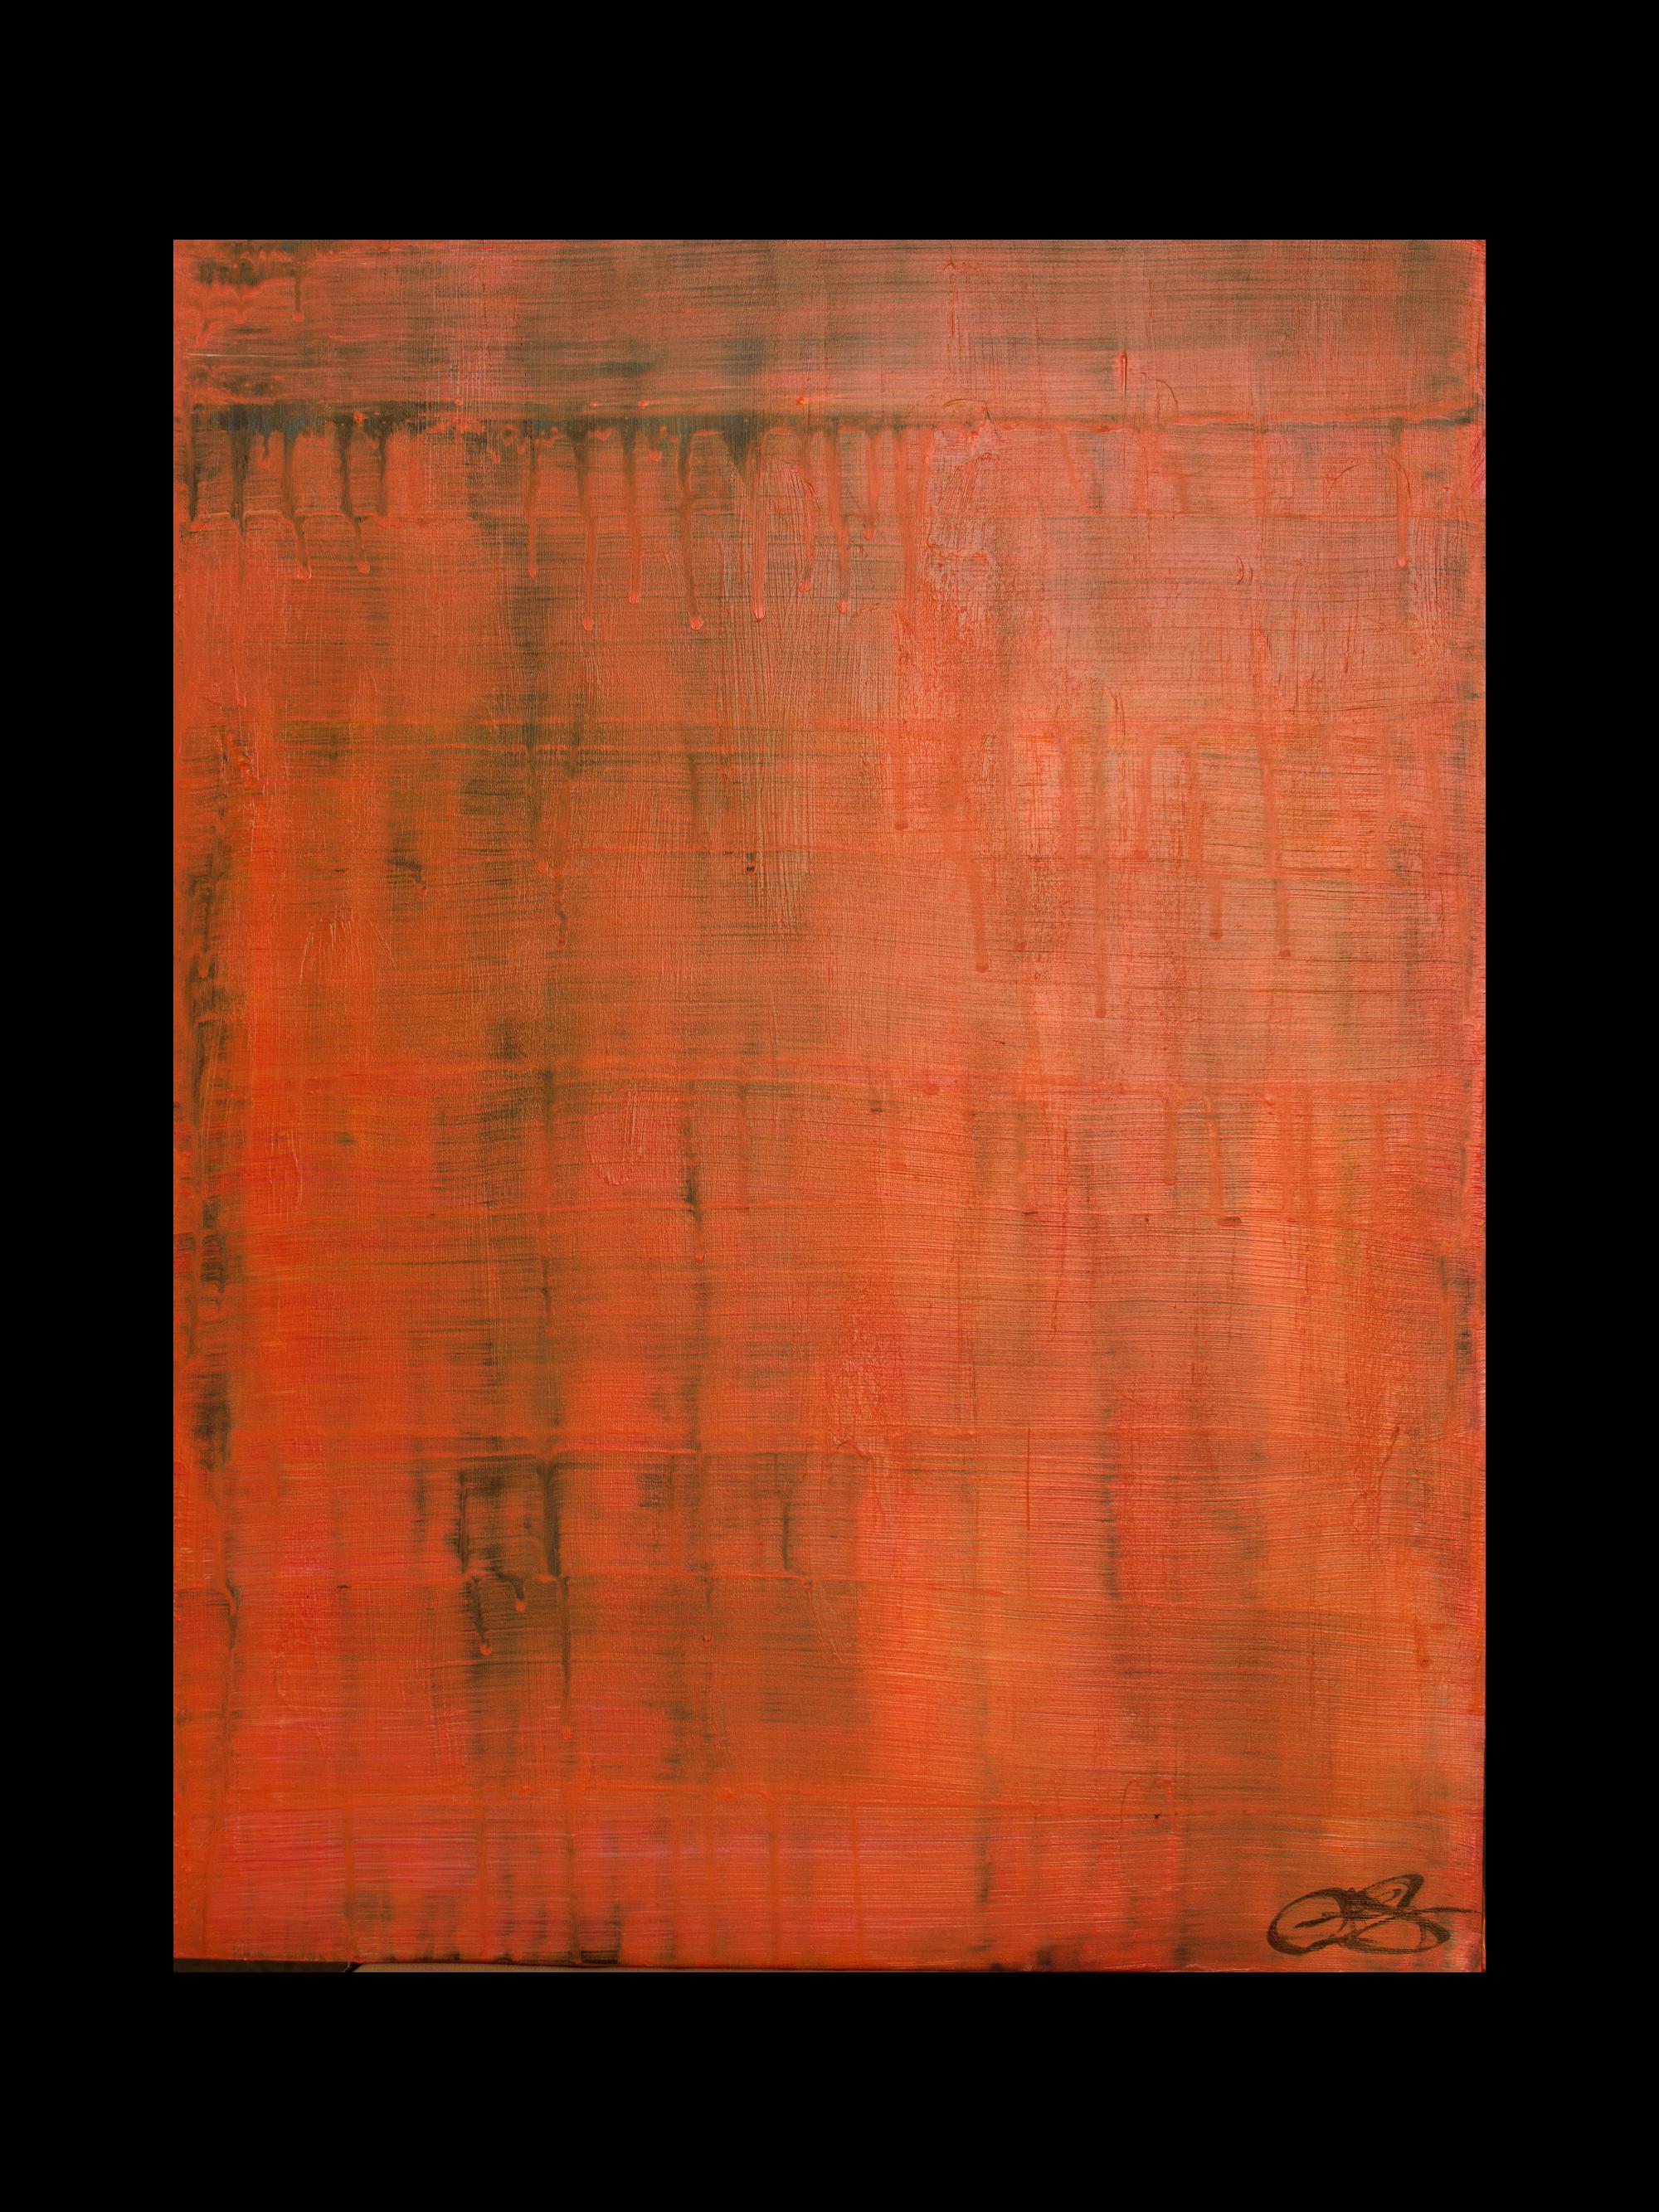 P1010023-orange_sm.png